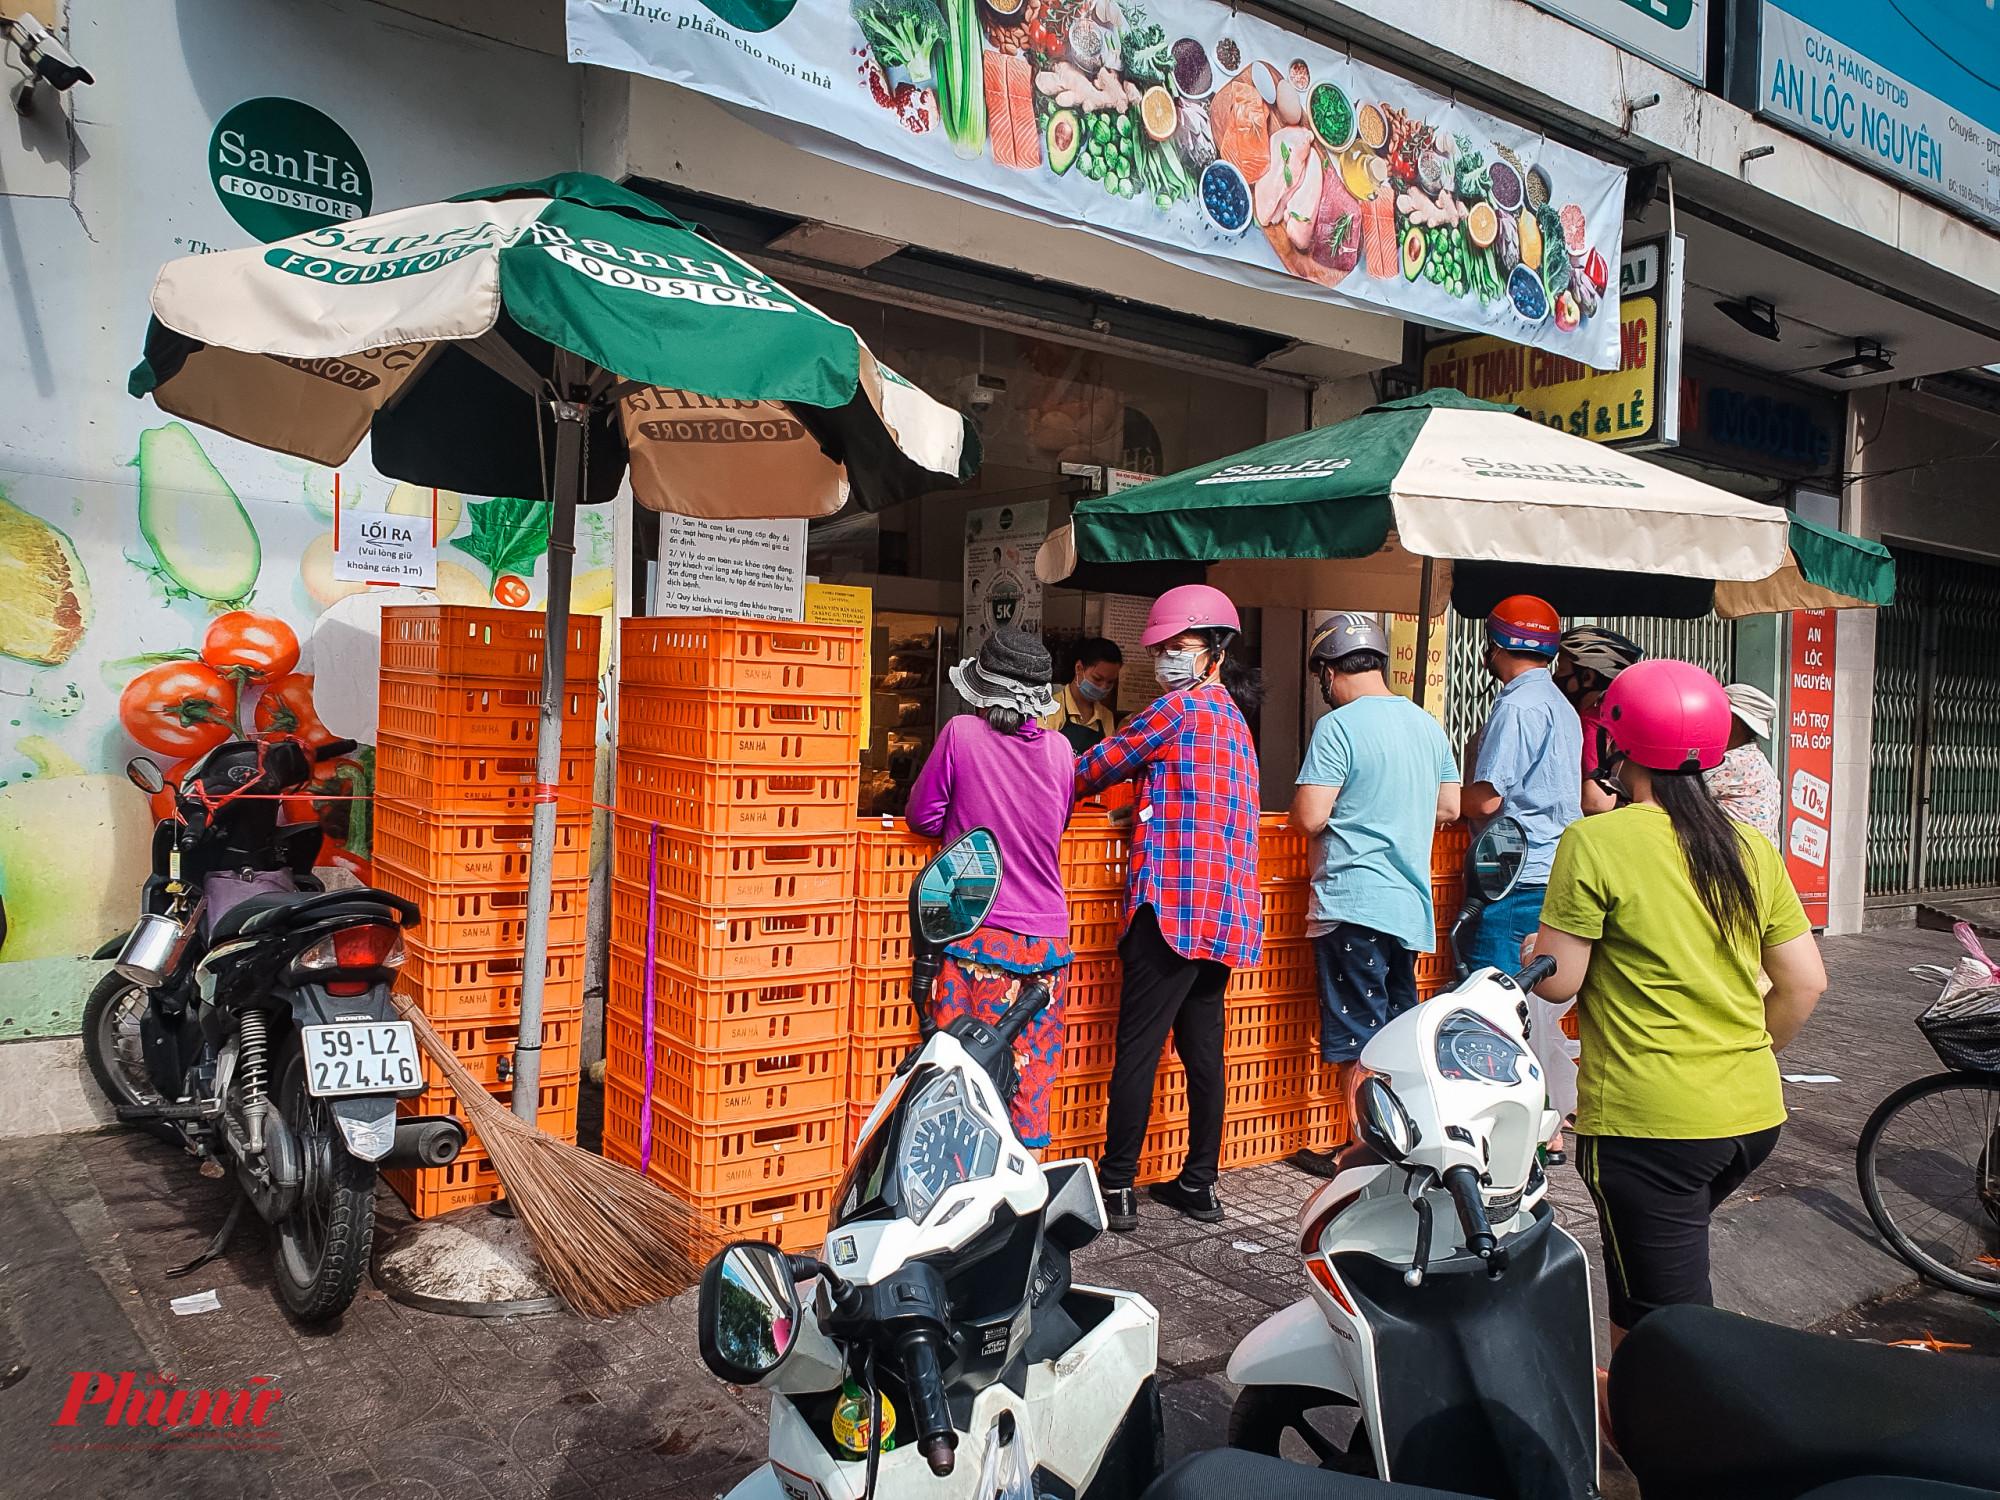 Nhiều hàng quán đã chủ động rào chán để phòng chống dịch bệnh